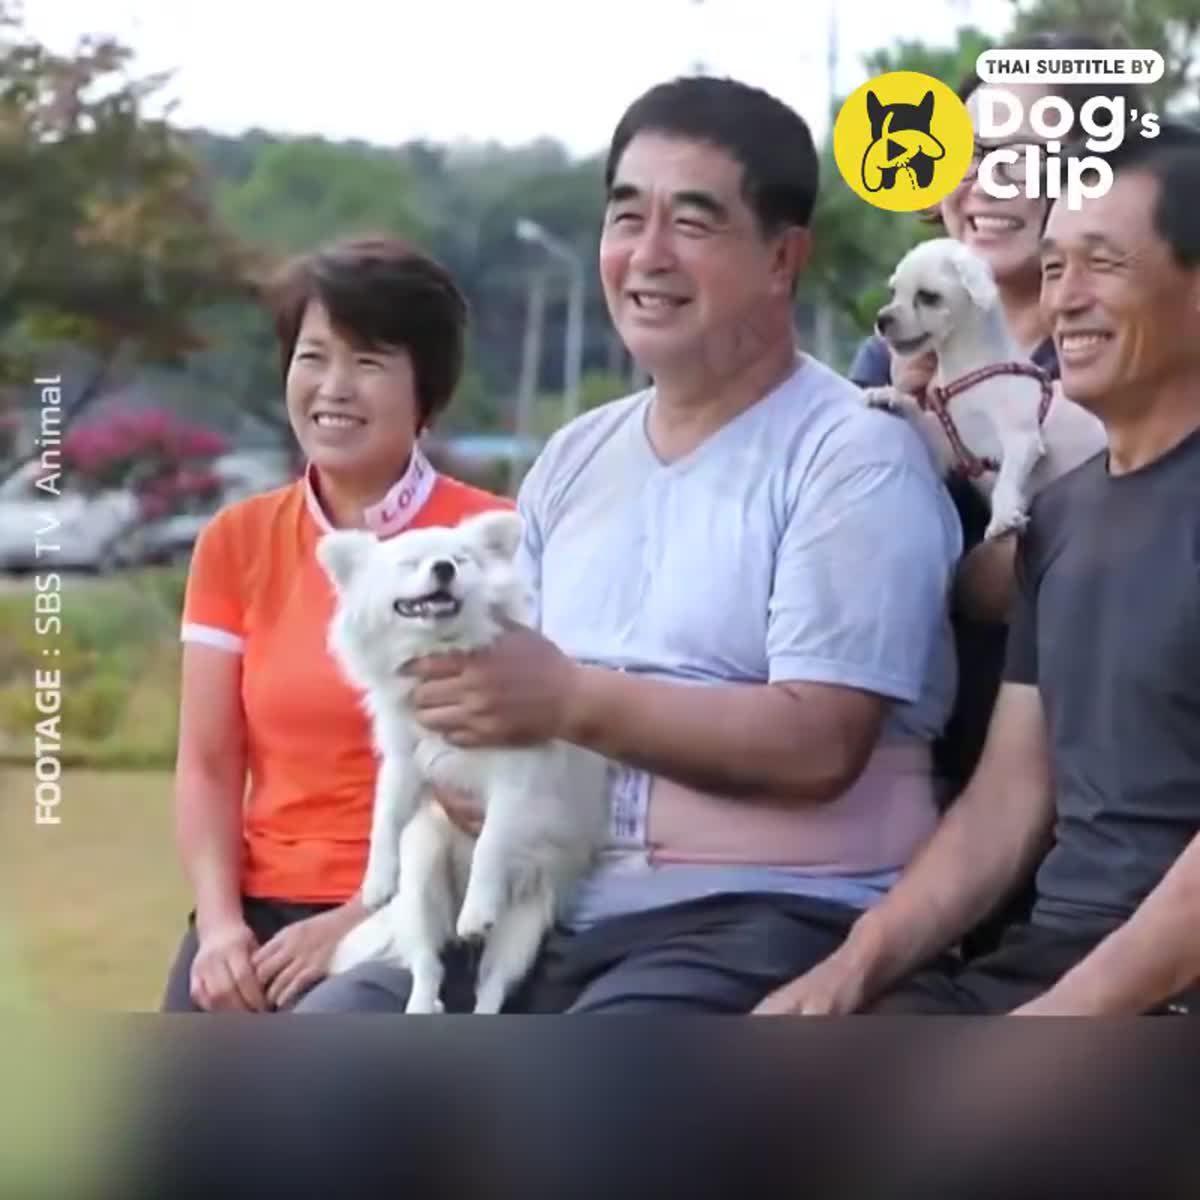 บองซันน้องหมาตัวน้อยกับคุณลุงข้างบ้าน EP2